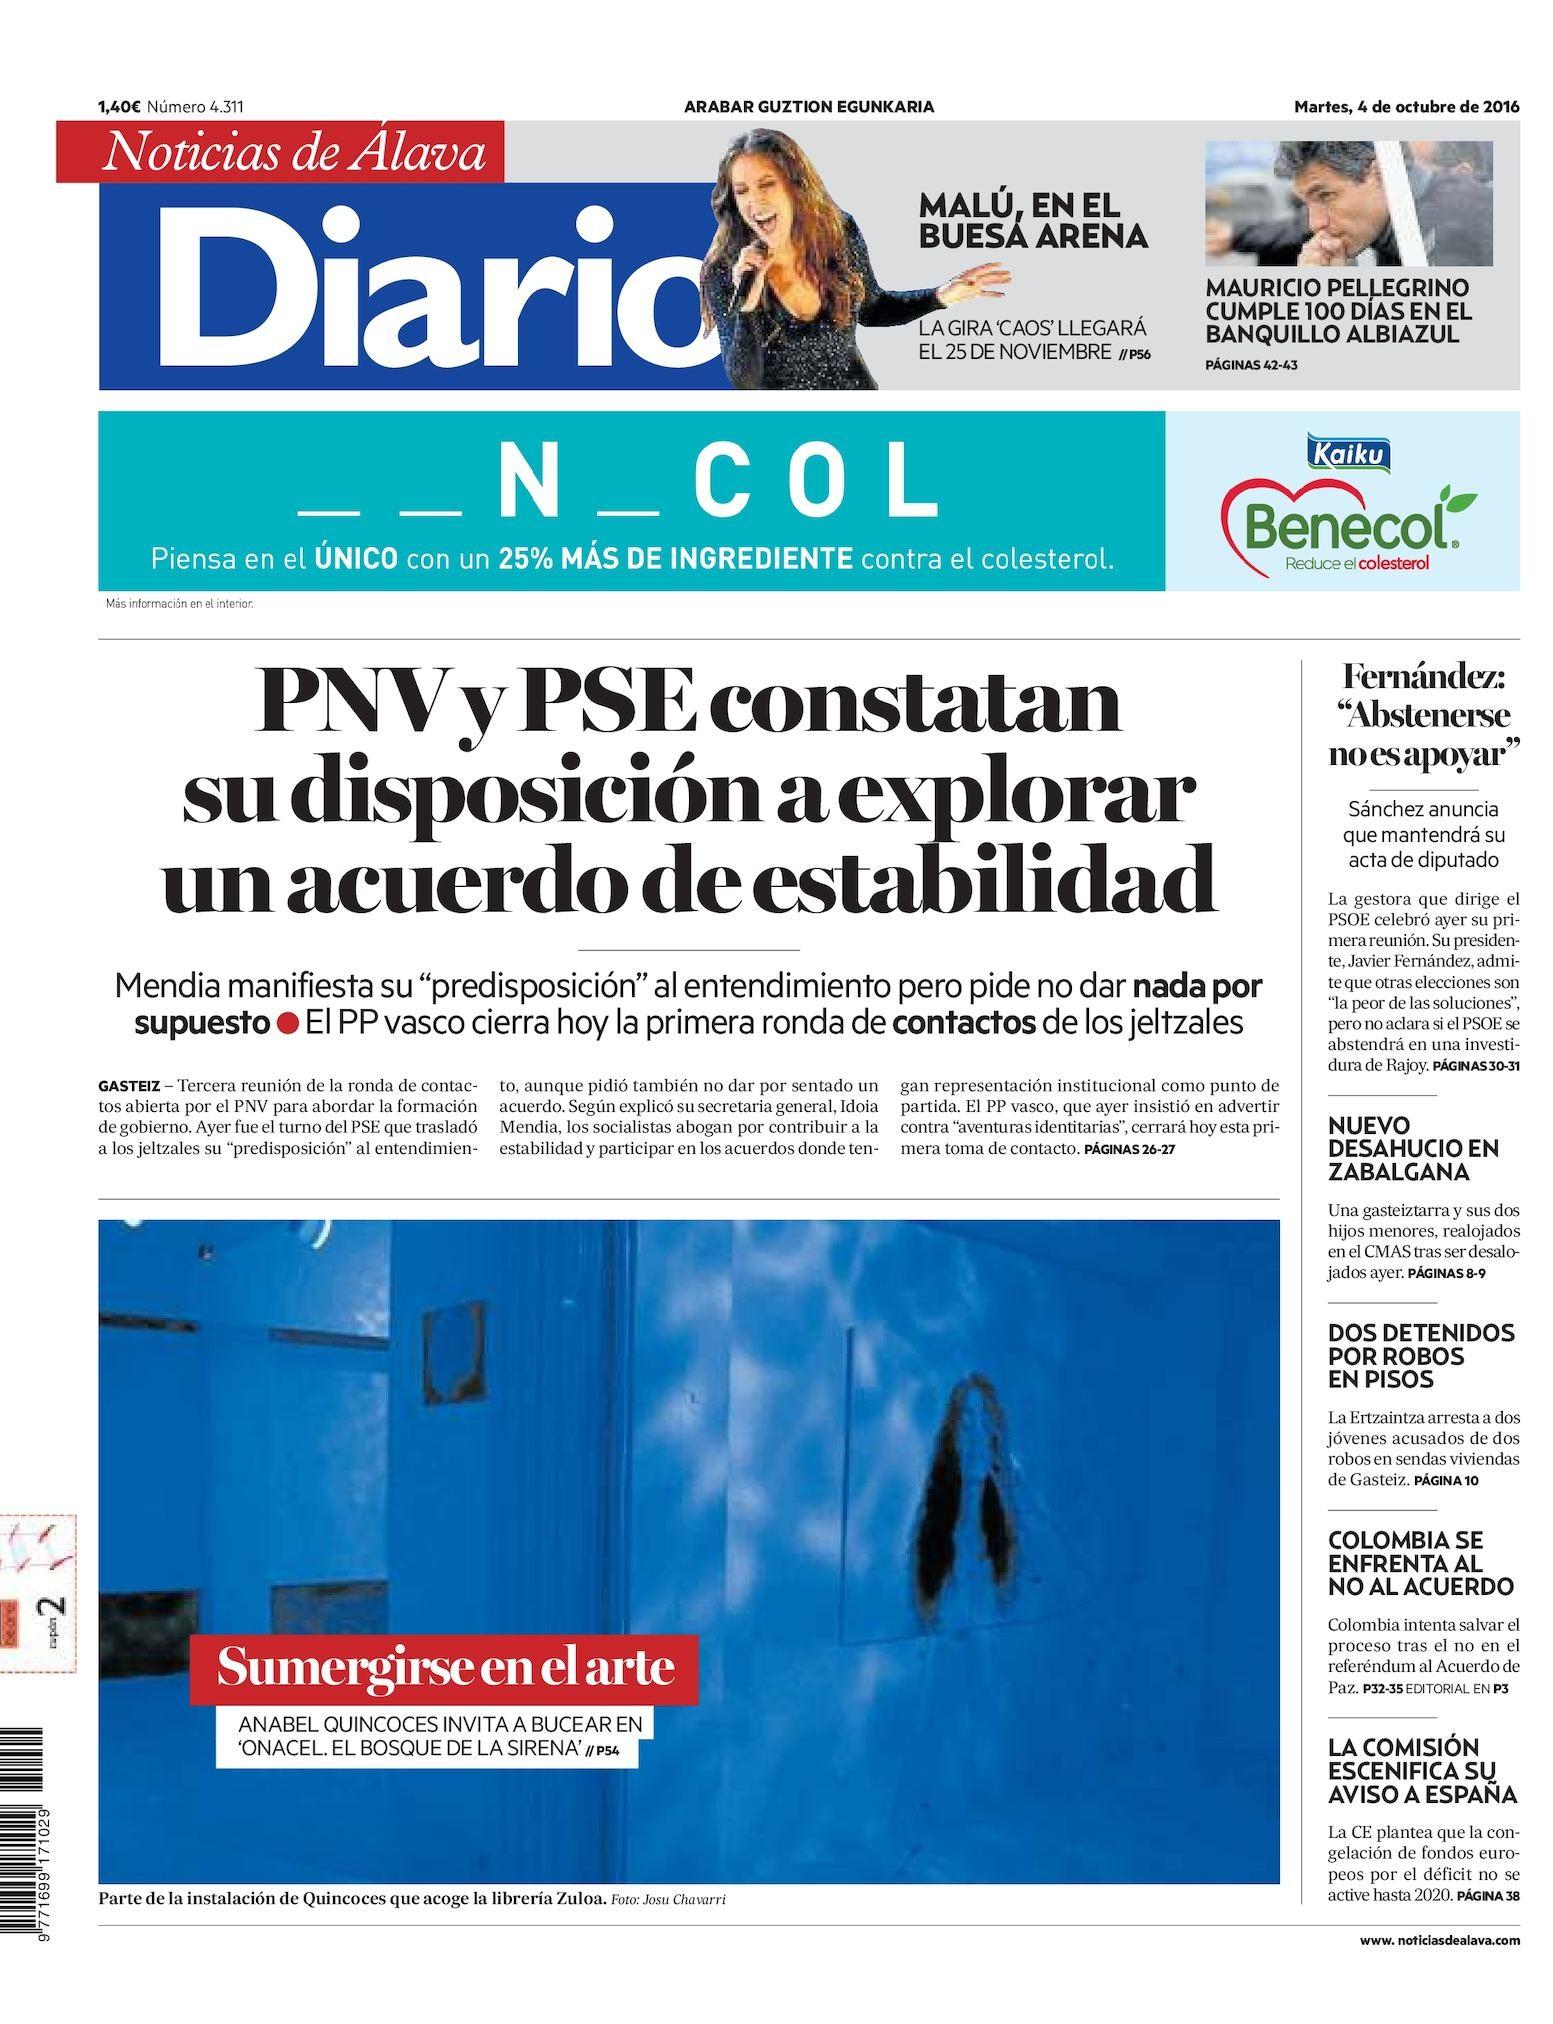 Calendario Laboral 2019 Portugal Actual Calaméo Diario De Noticias De lava Of Calendario Laboral 2019 Portugal Más Reciente Etsid